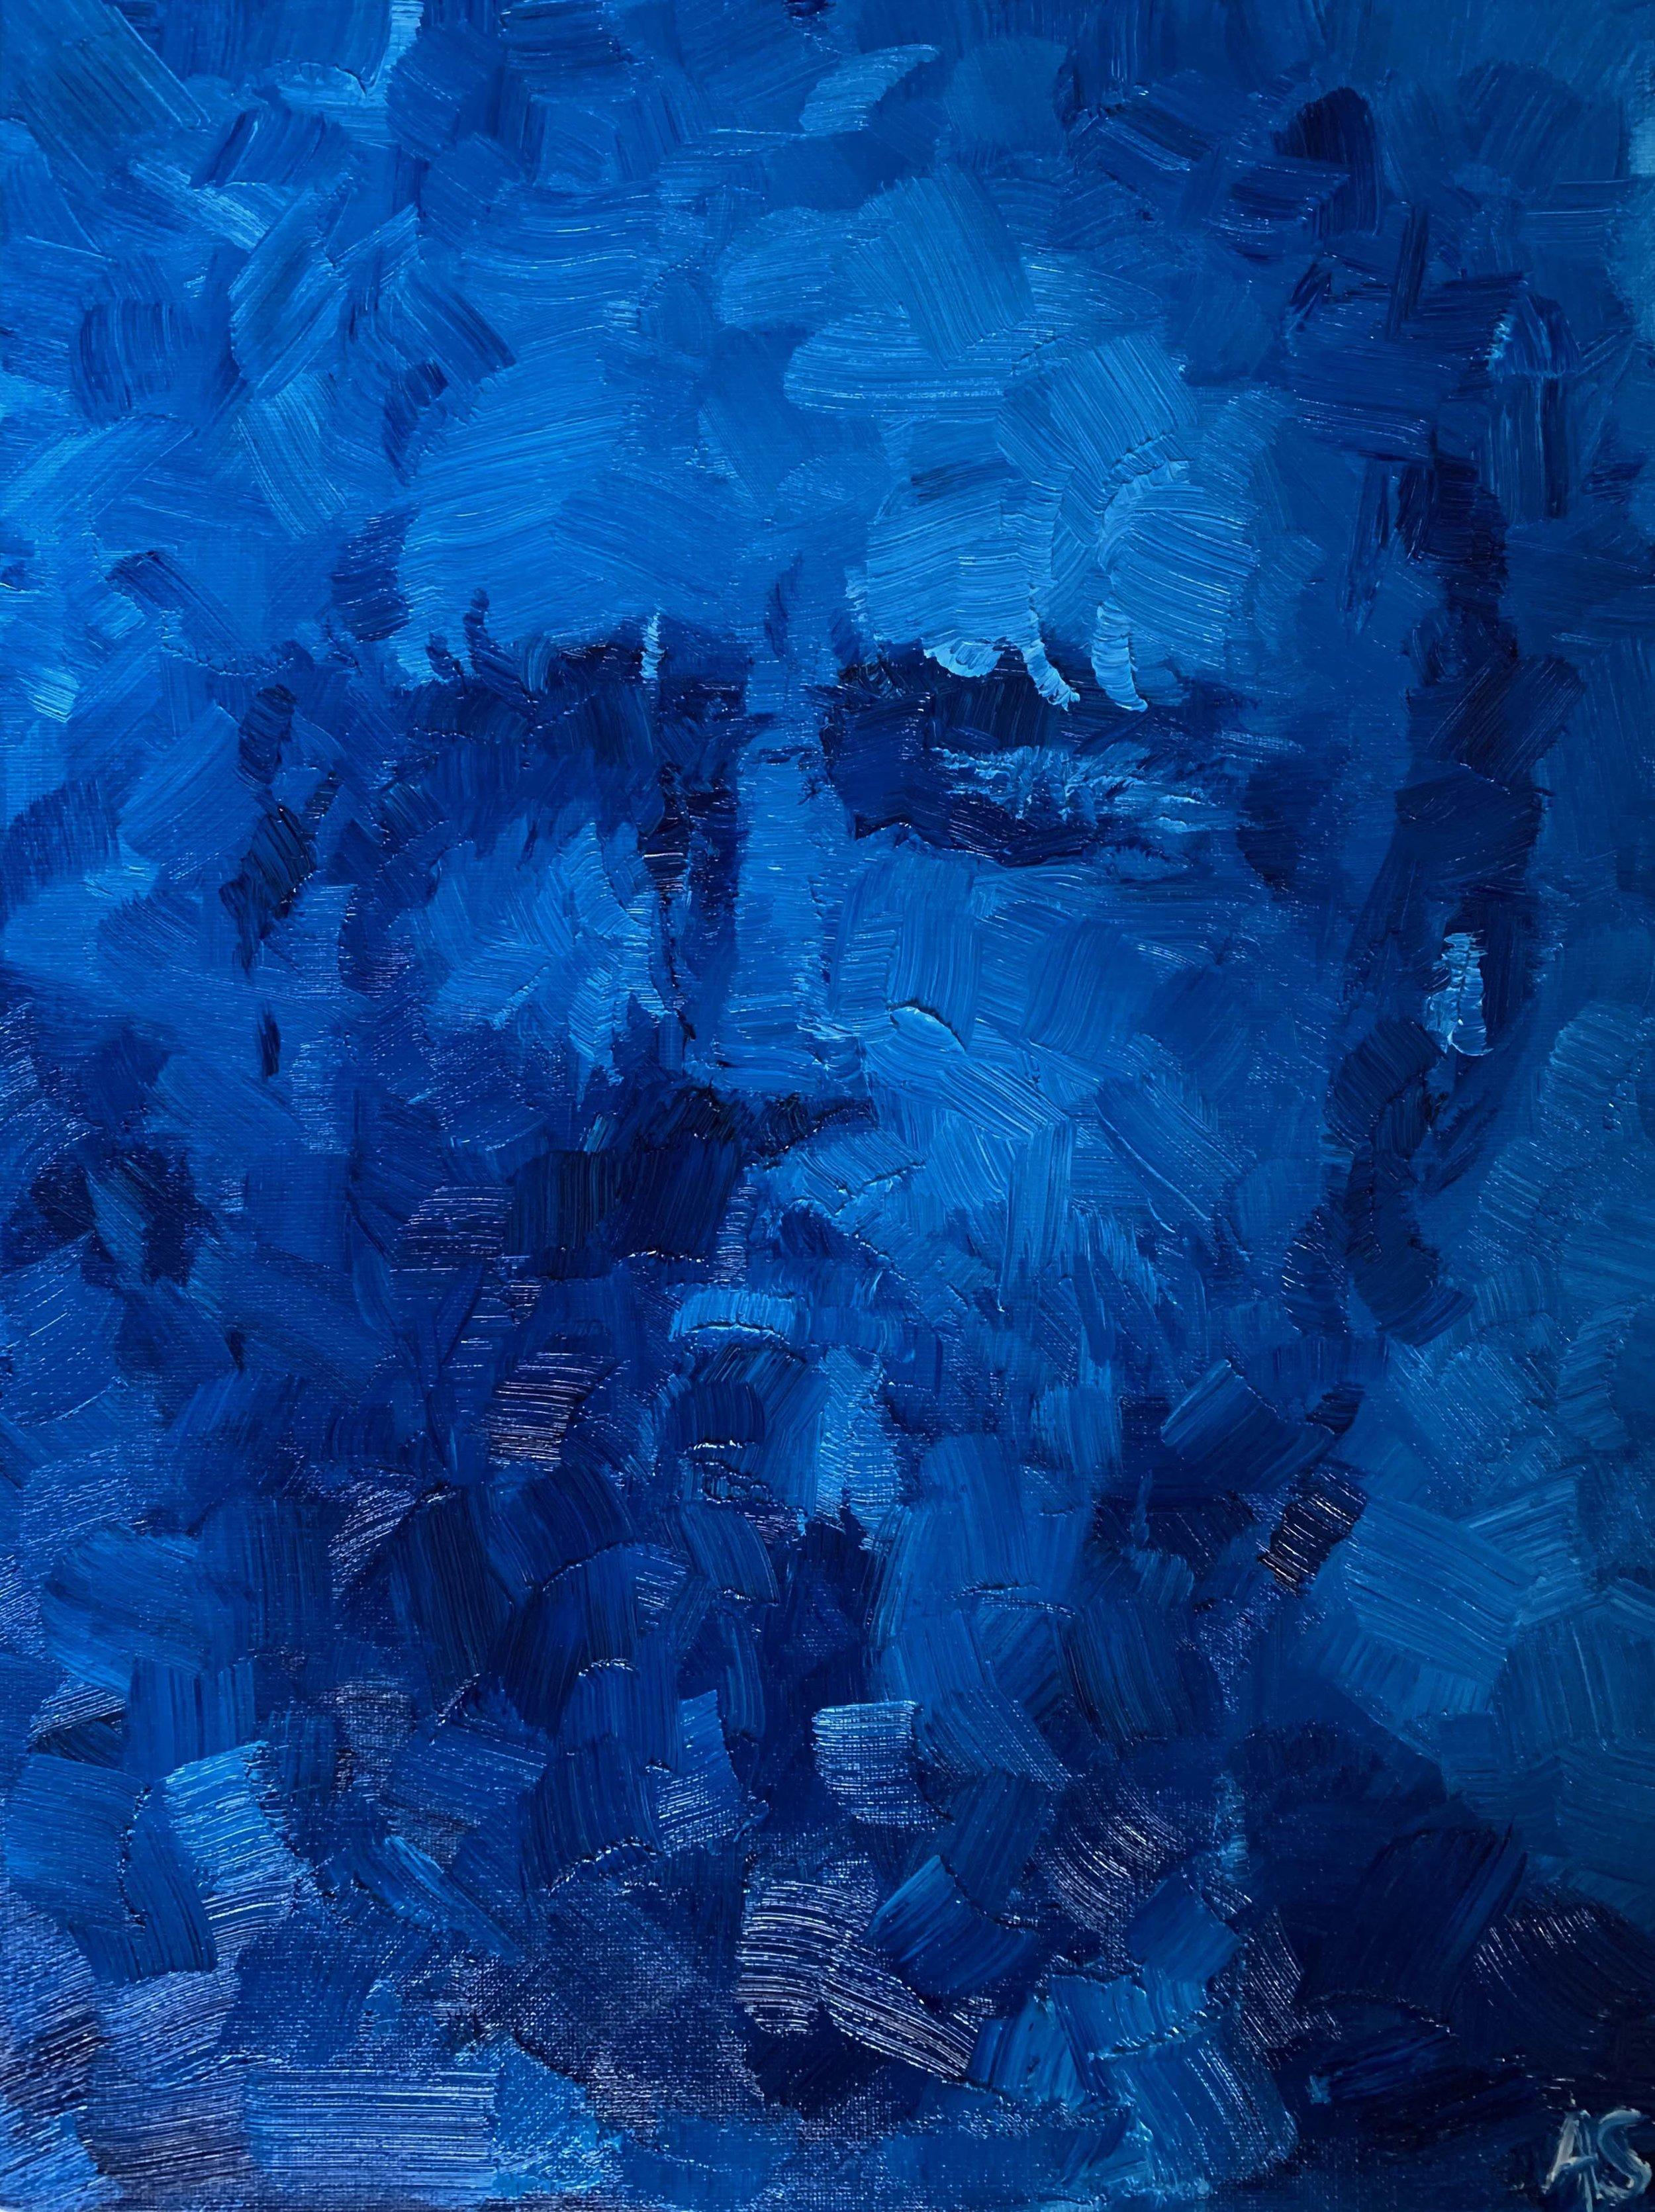 Blue Self Portrait #3